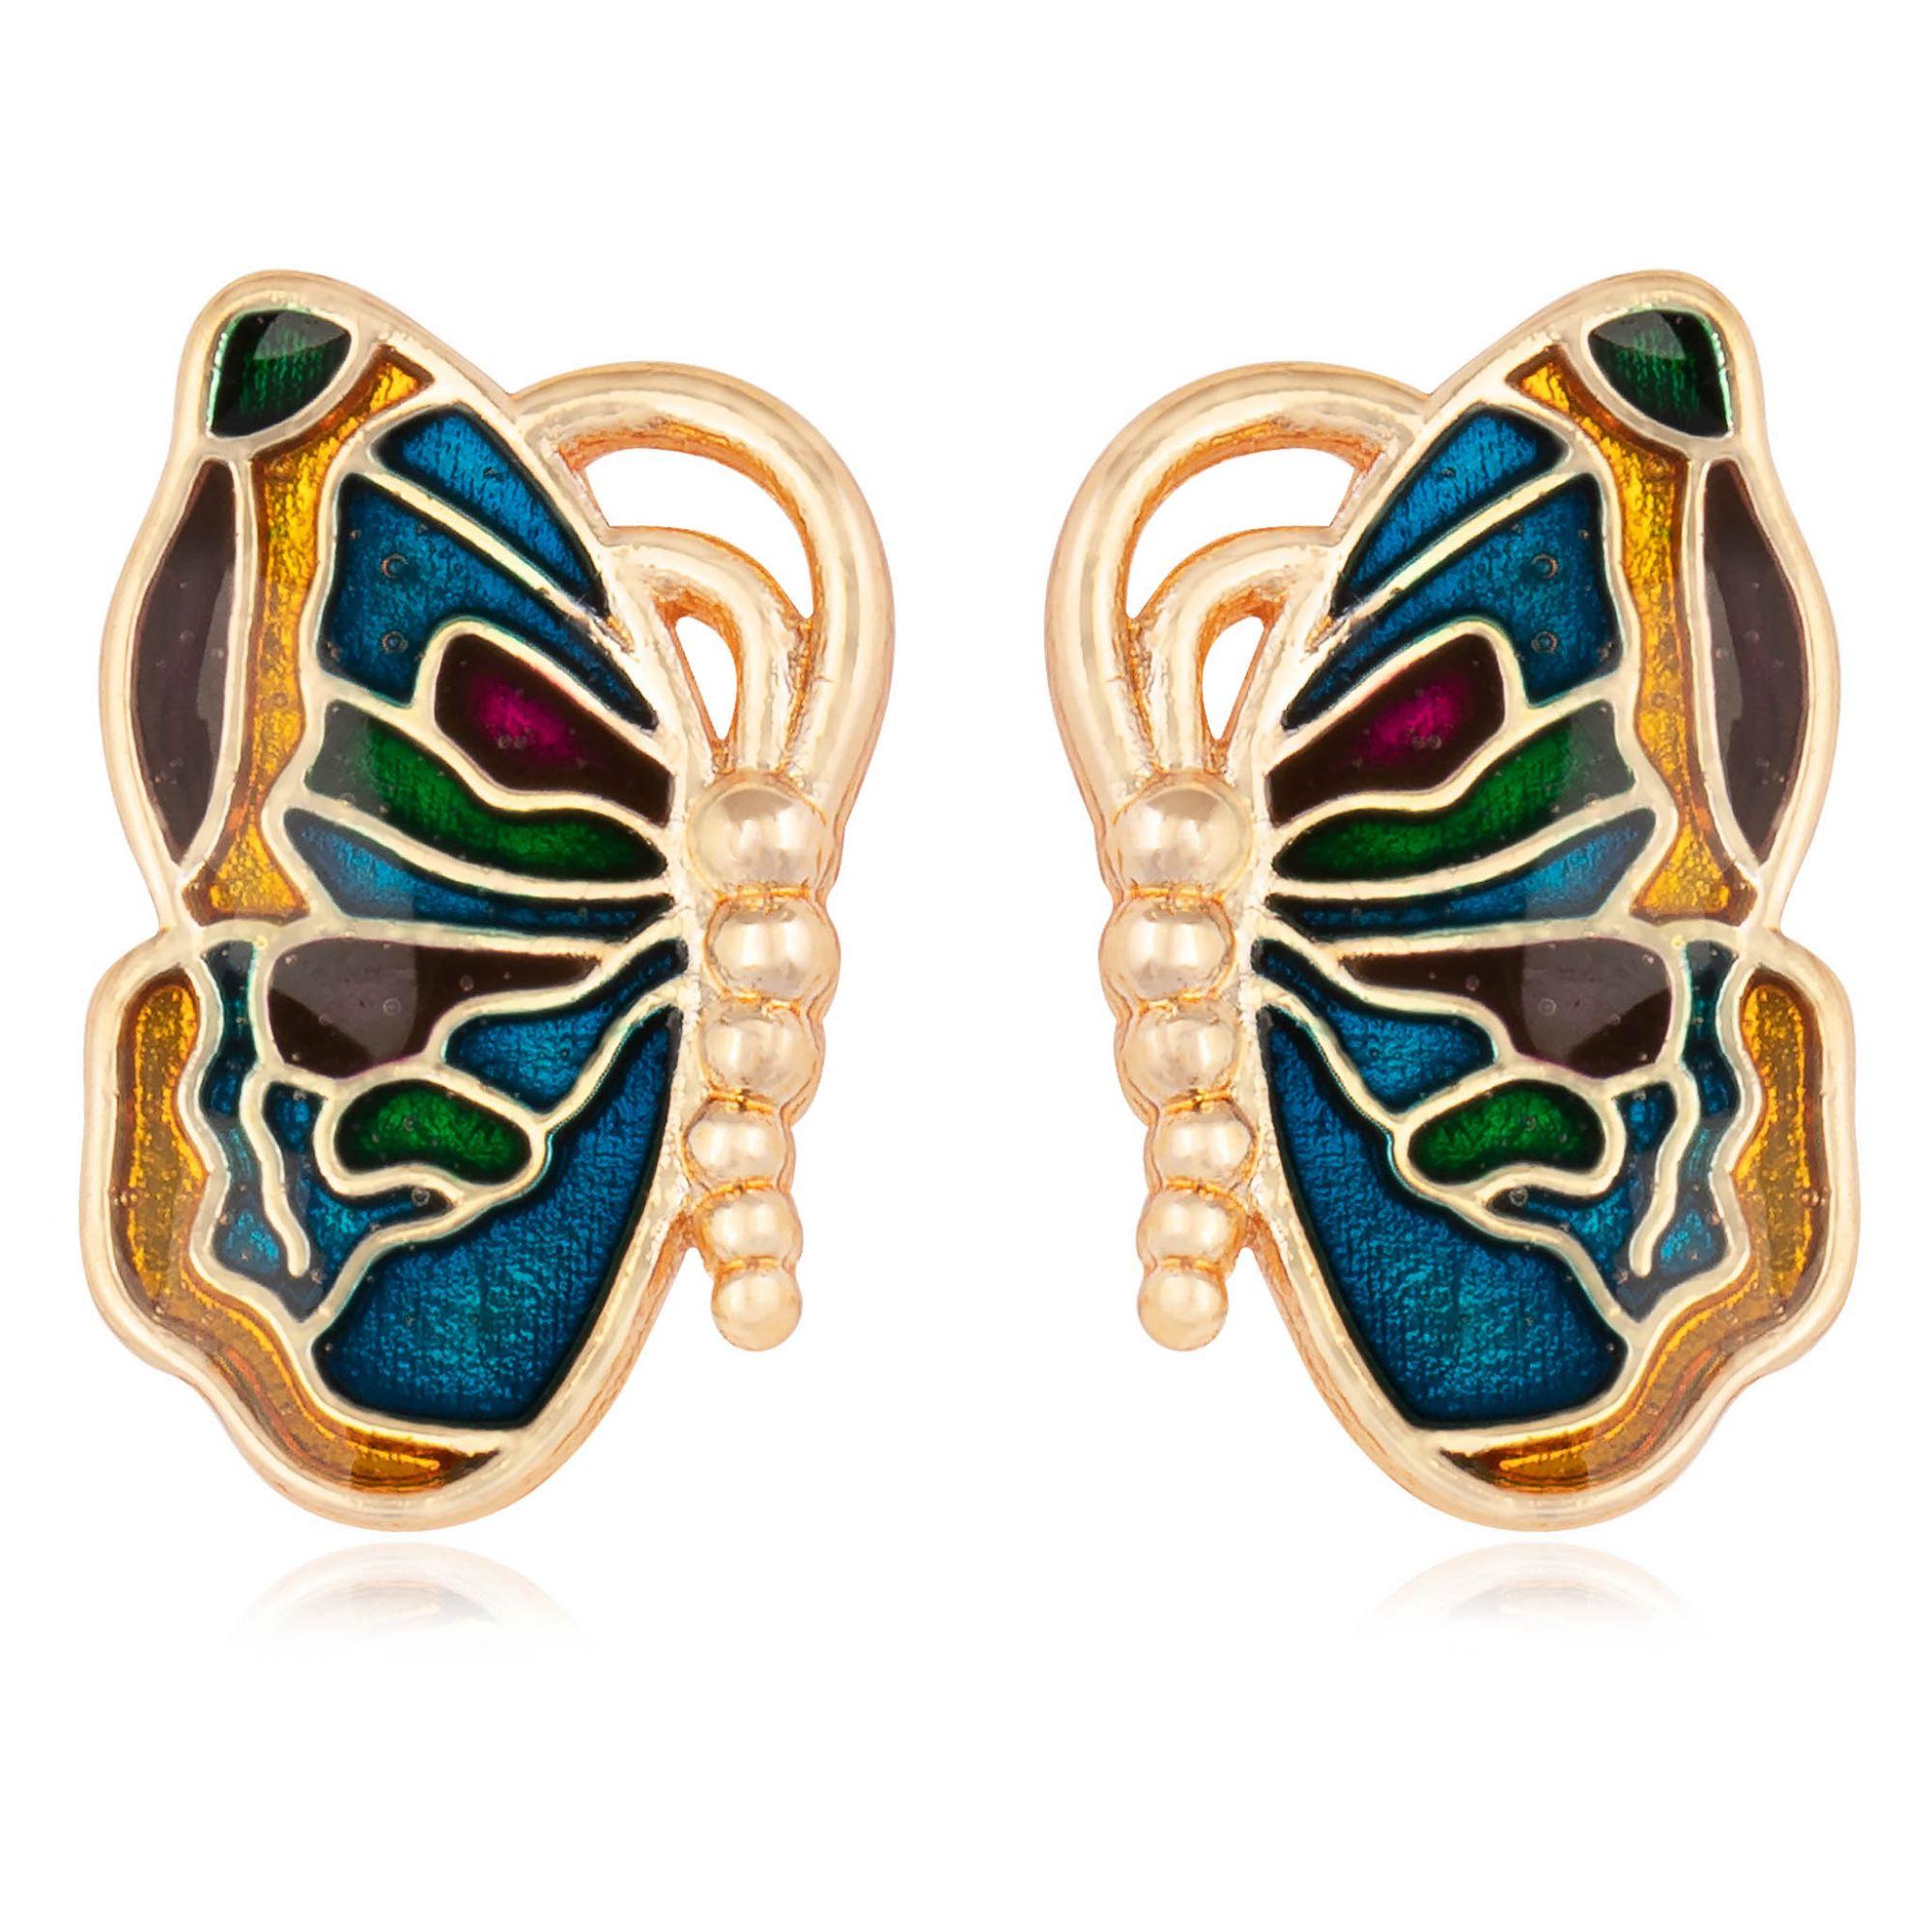 Brinco borboleta banhado a ouro 18k resinado em furta cor.  - romabrazil.com.br